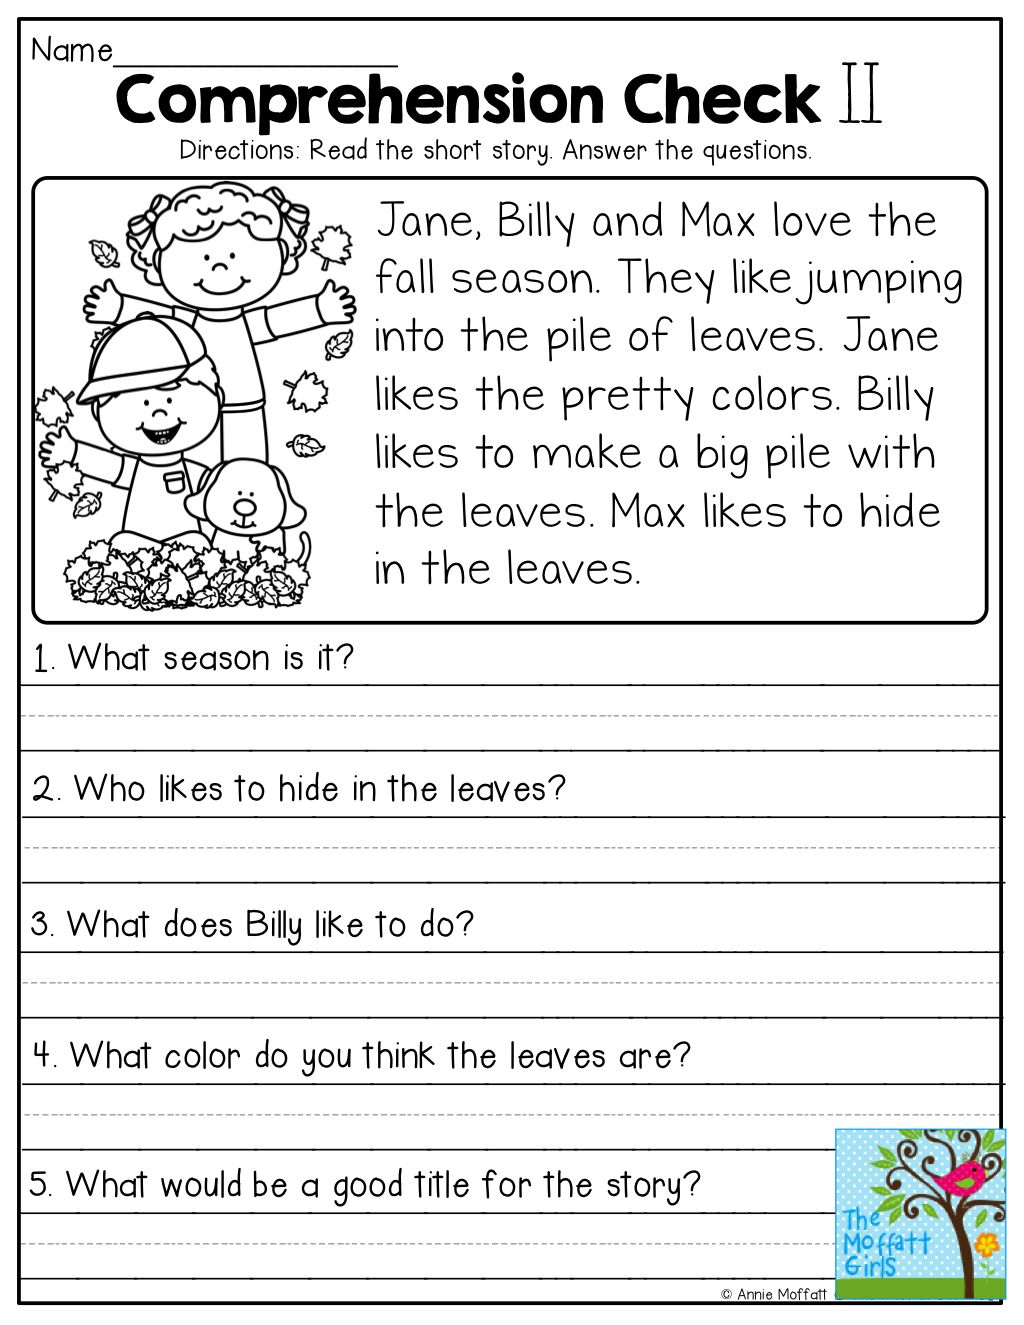 Image Result For October Reading Comprehension Worksheets